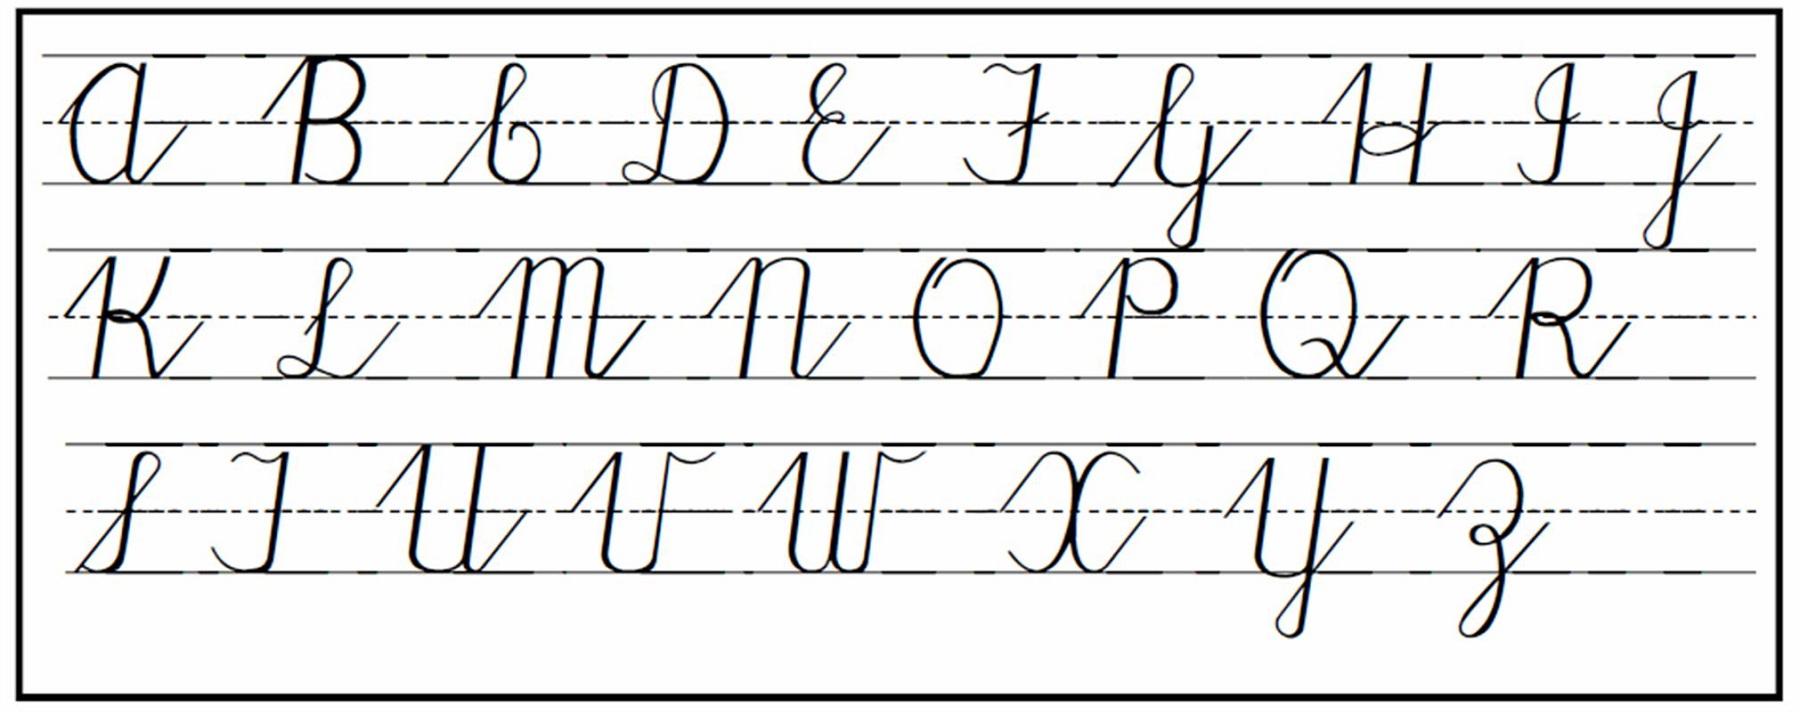 upper case alphabet cursive